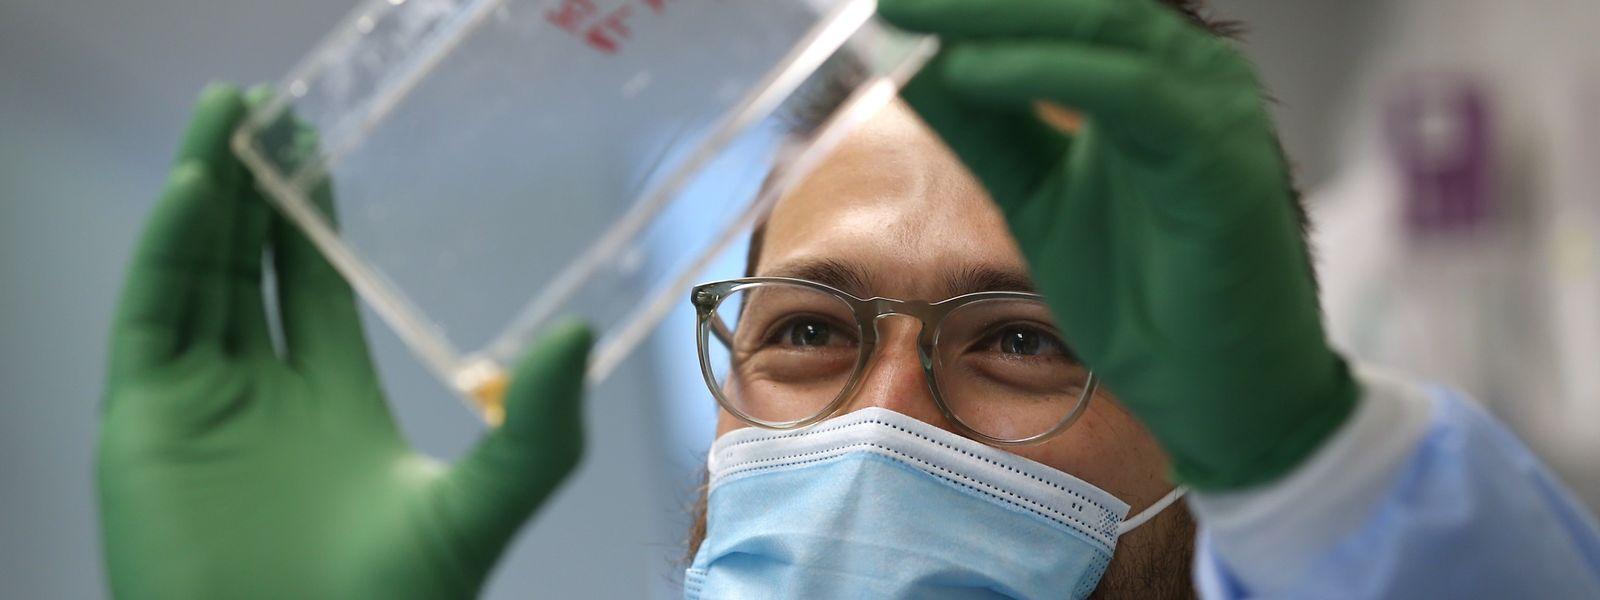 Le Laboratoire national de santé réussit désormais à séquencer près de 300 échantillons covid par semaine.